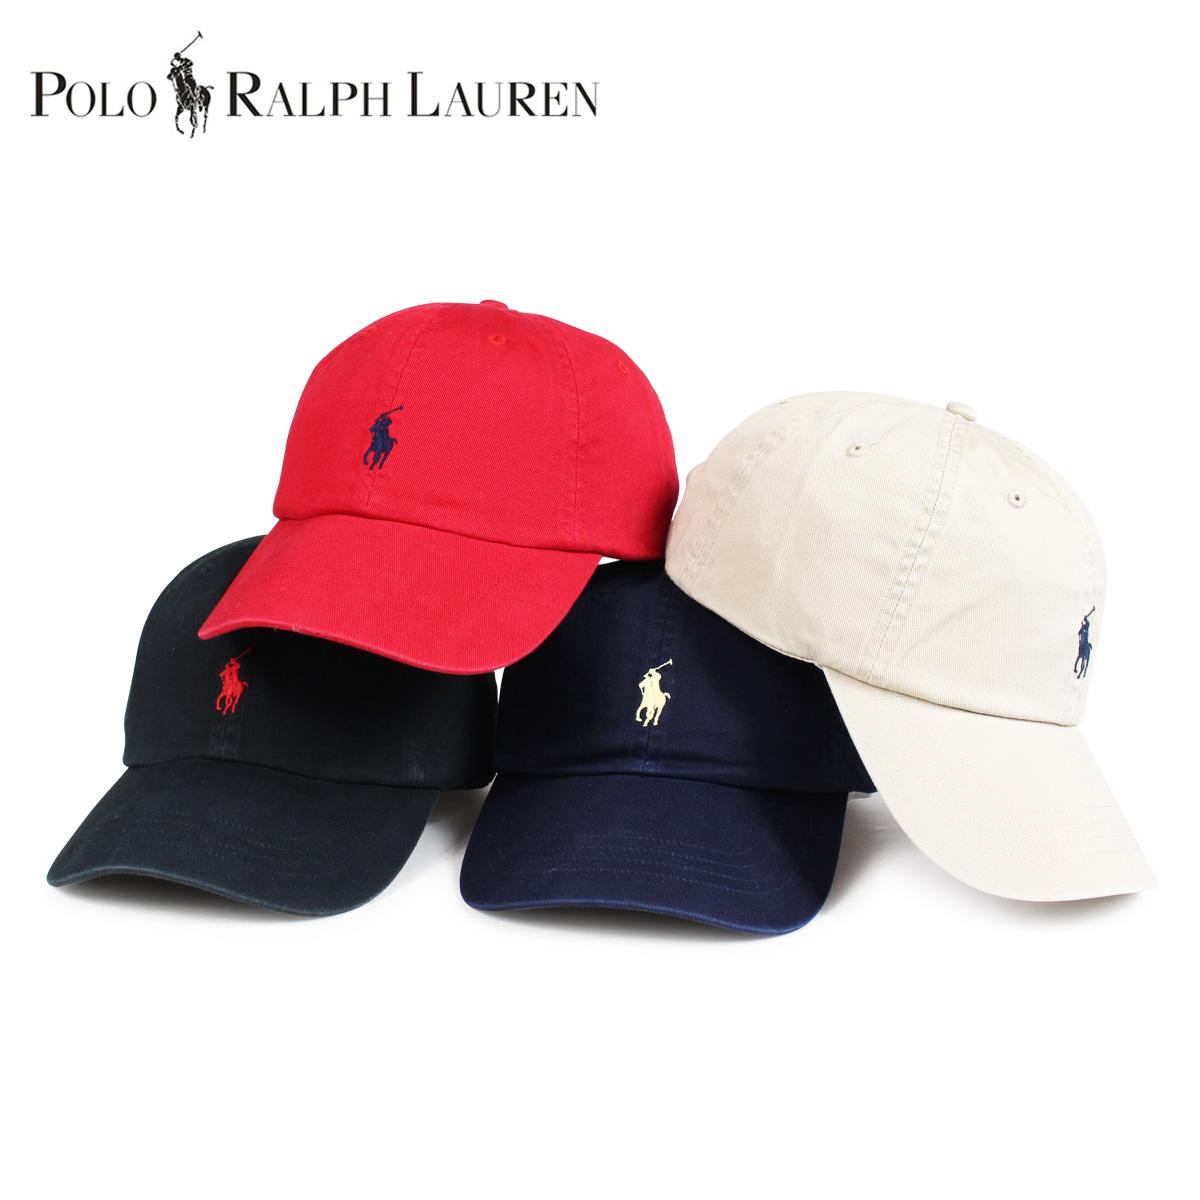 ポロ ラルフローレン POLO RALPH LAUREN キャップ 帽子 メンズ レディース コットン COTTON CHINO BASEBALL CAP ブラック ベージュ レッ